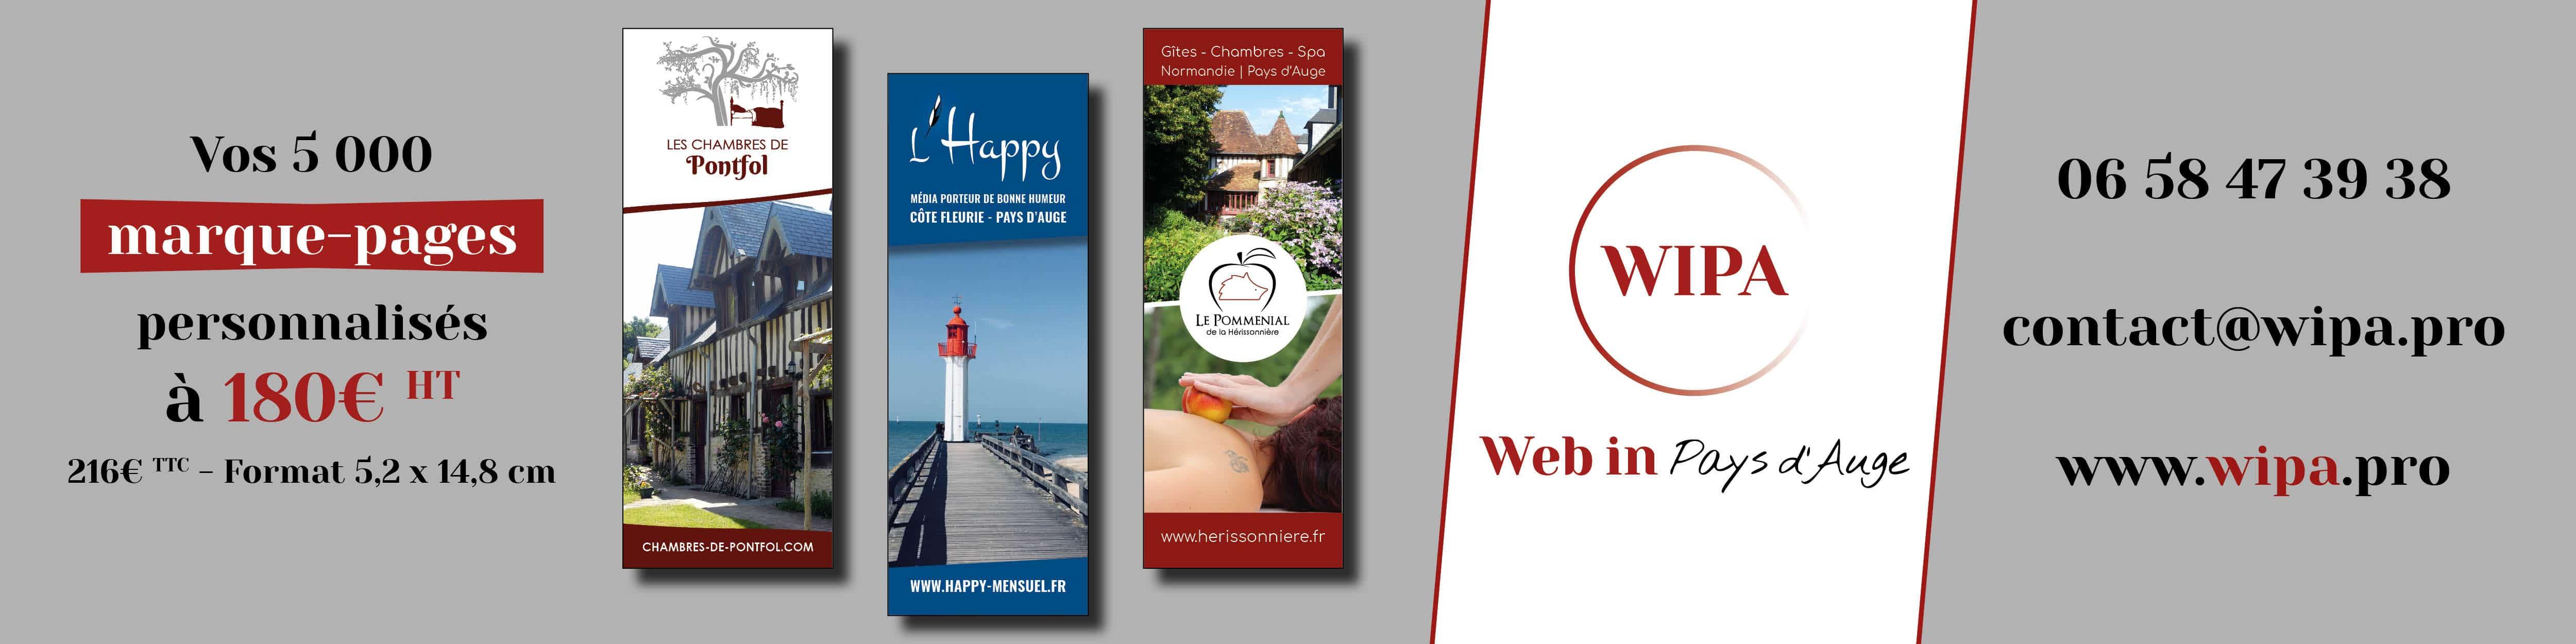 Web in Pays d'Auge_Création graphique_L'Happy mensuel